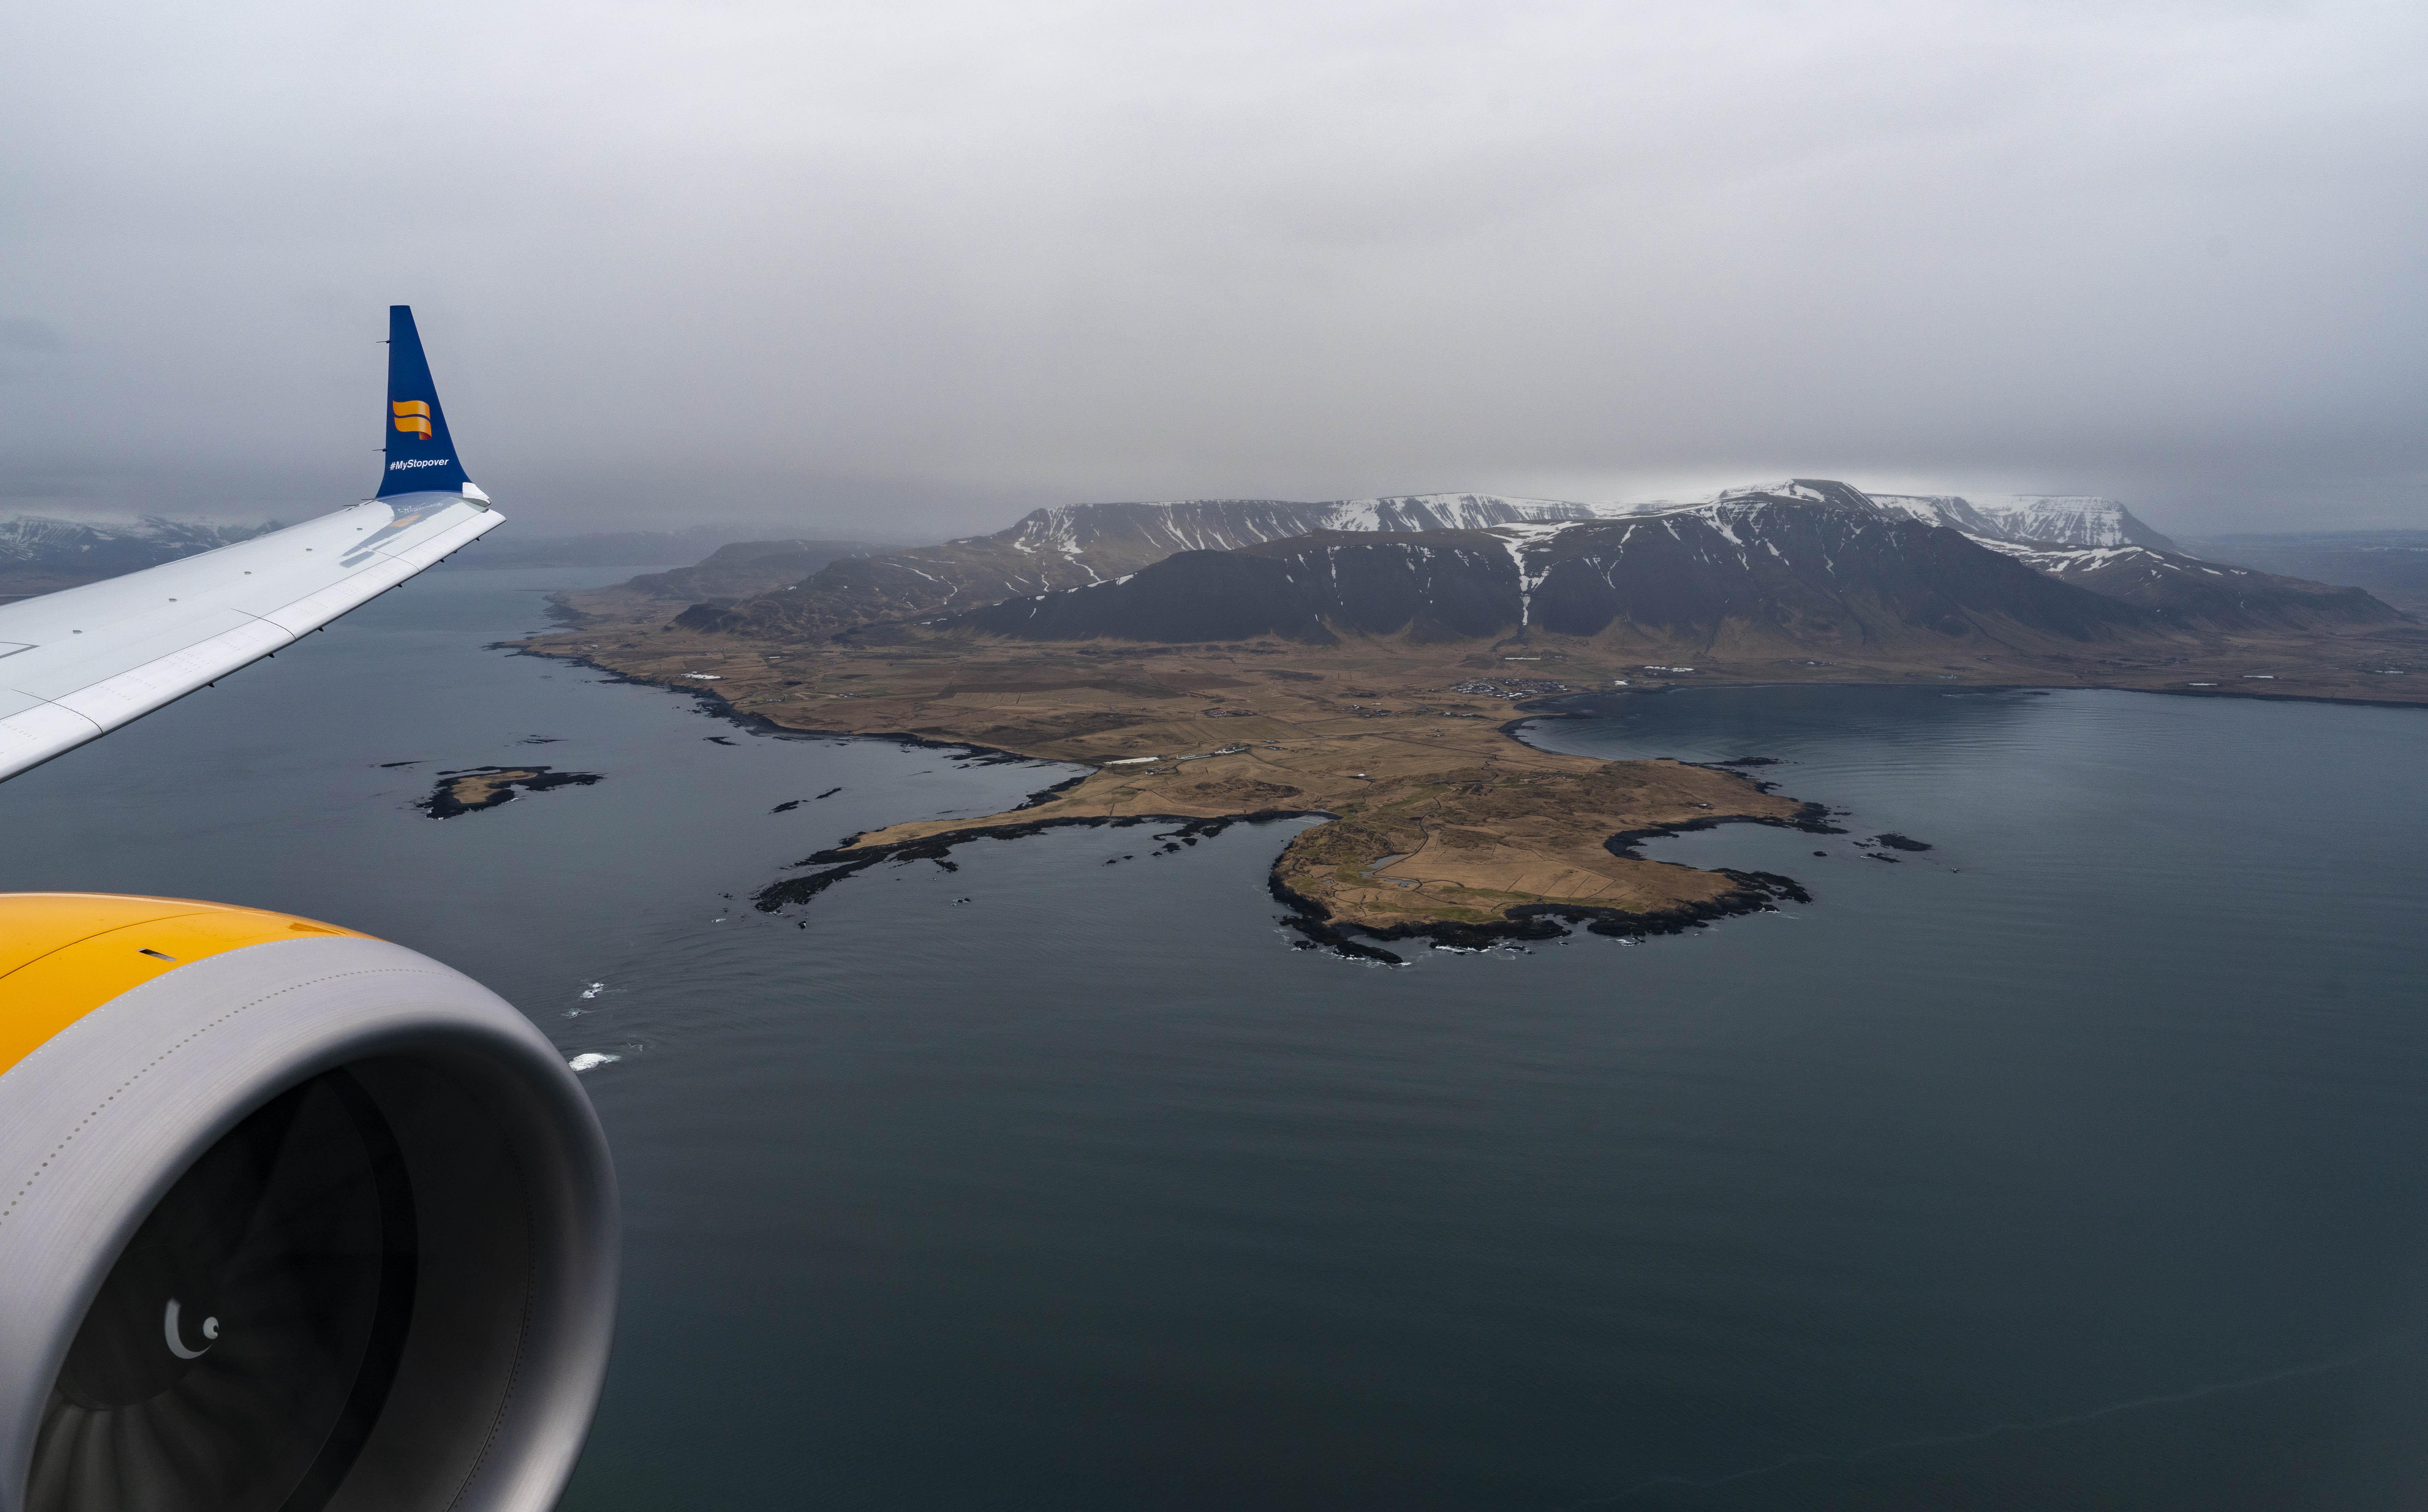 Nye LED-vinduer i Boeing 737 MAX-flyene hos Icelandair giver passagererne en bedre udsigt – blandt andet til denne islagune. Foto: Icelandair